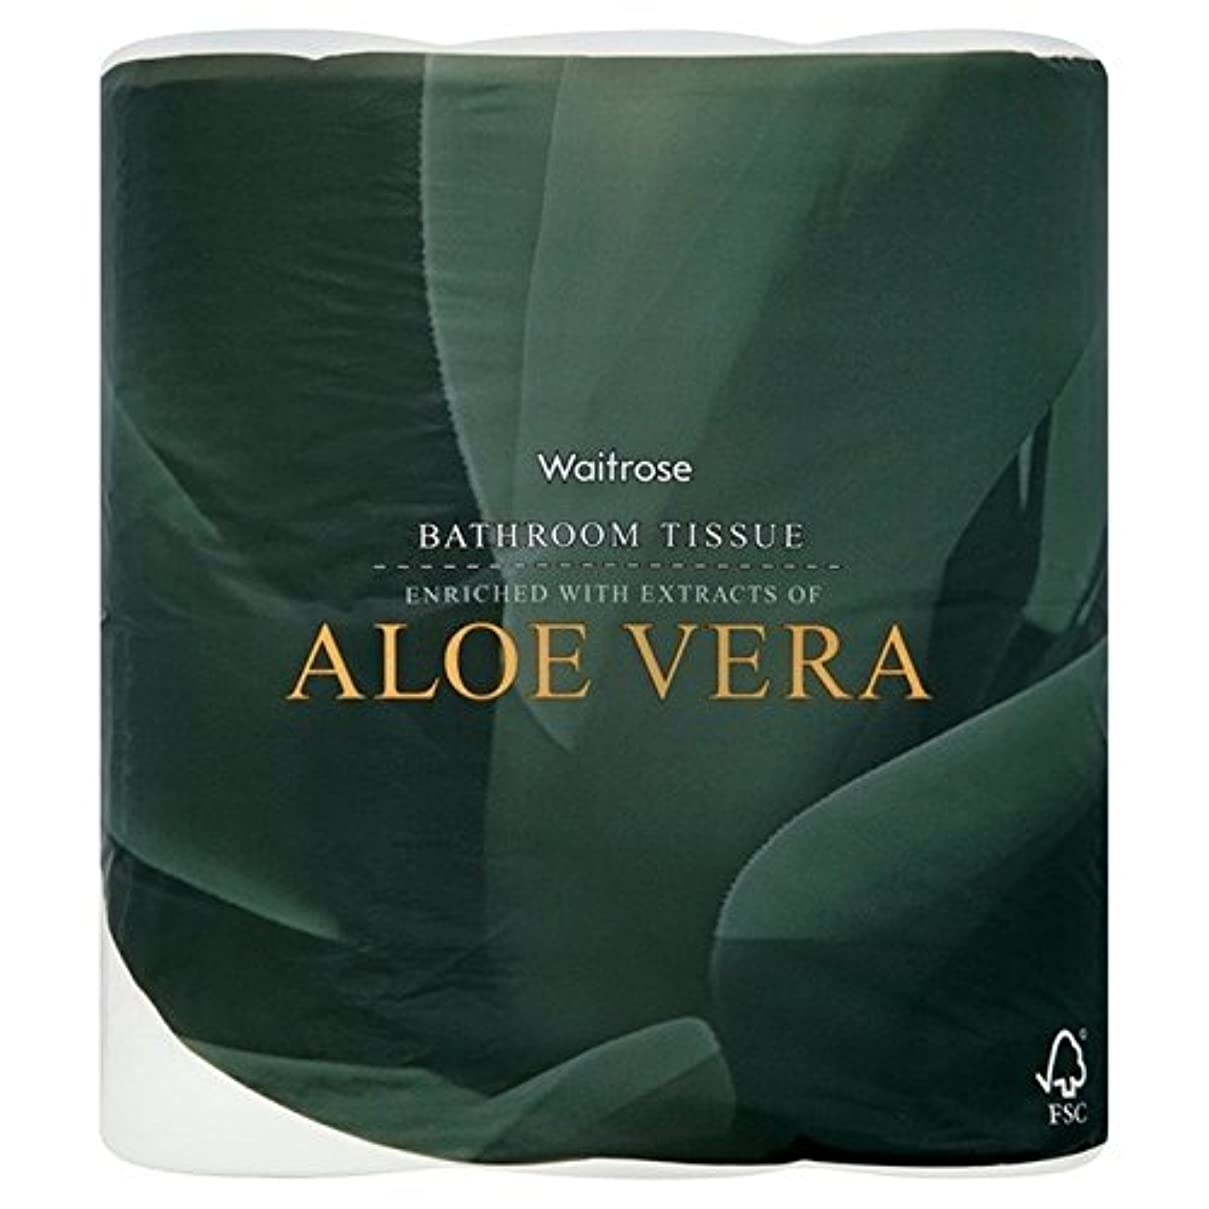 リム厄介な谷Aloe Vera Bathroom Tissue White Waitrose 4 per pack - パックあたりアロエベラ浴室組織白ウェイトローズ4 [並行輸入品]